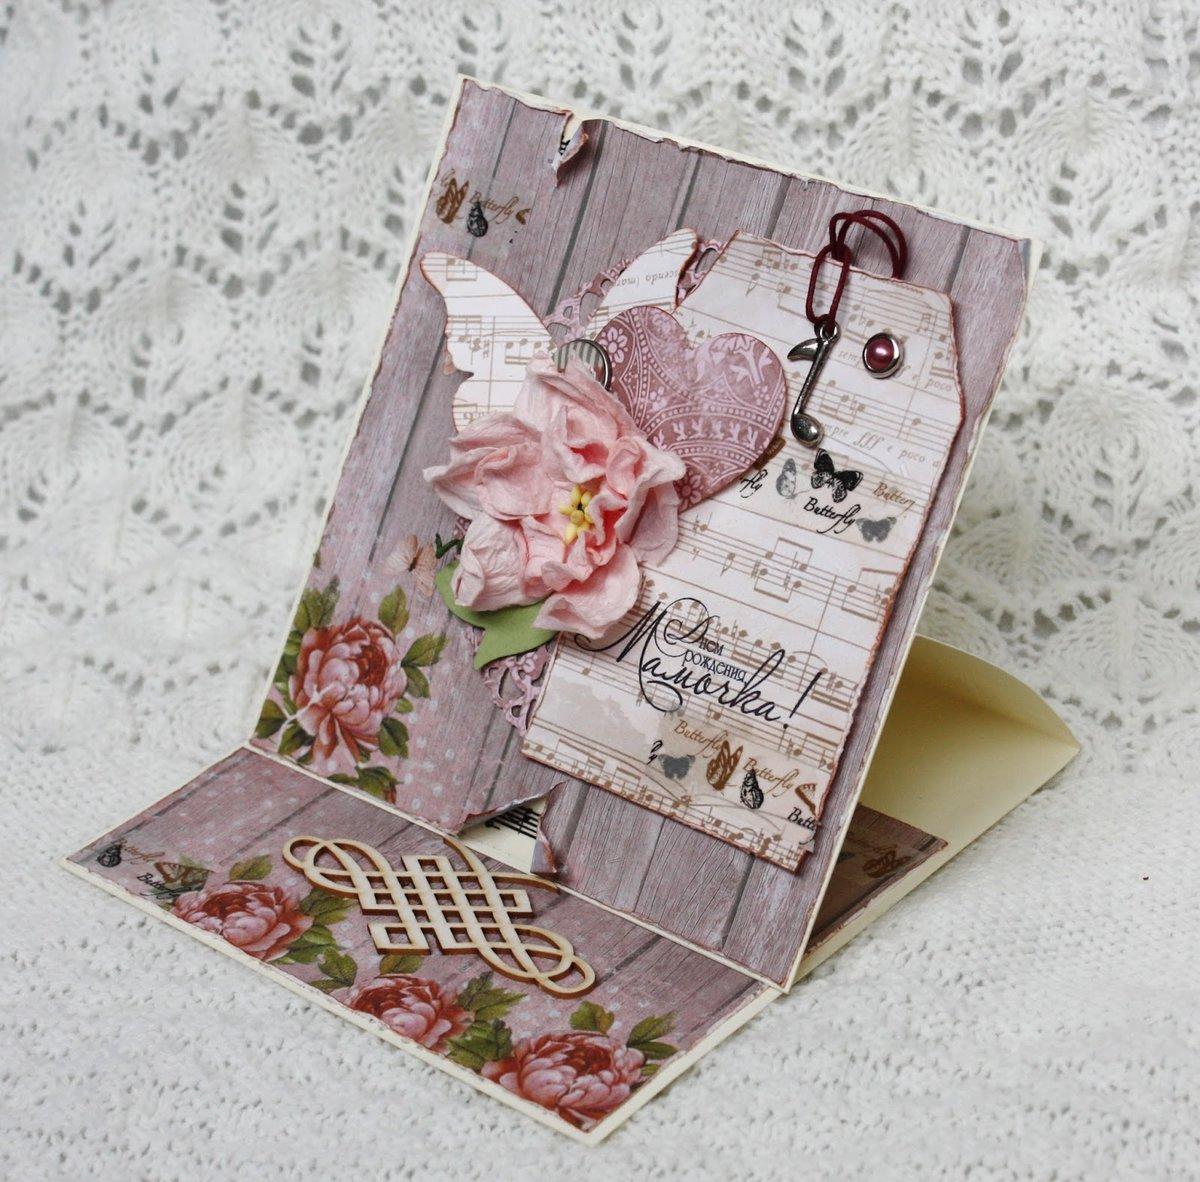 Мастер класс по изготовлению открыток в стиле скрапбукинга, мусульманским праздником